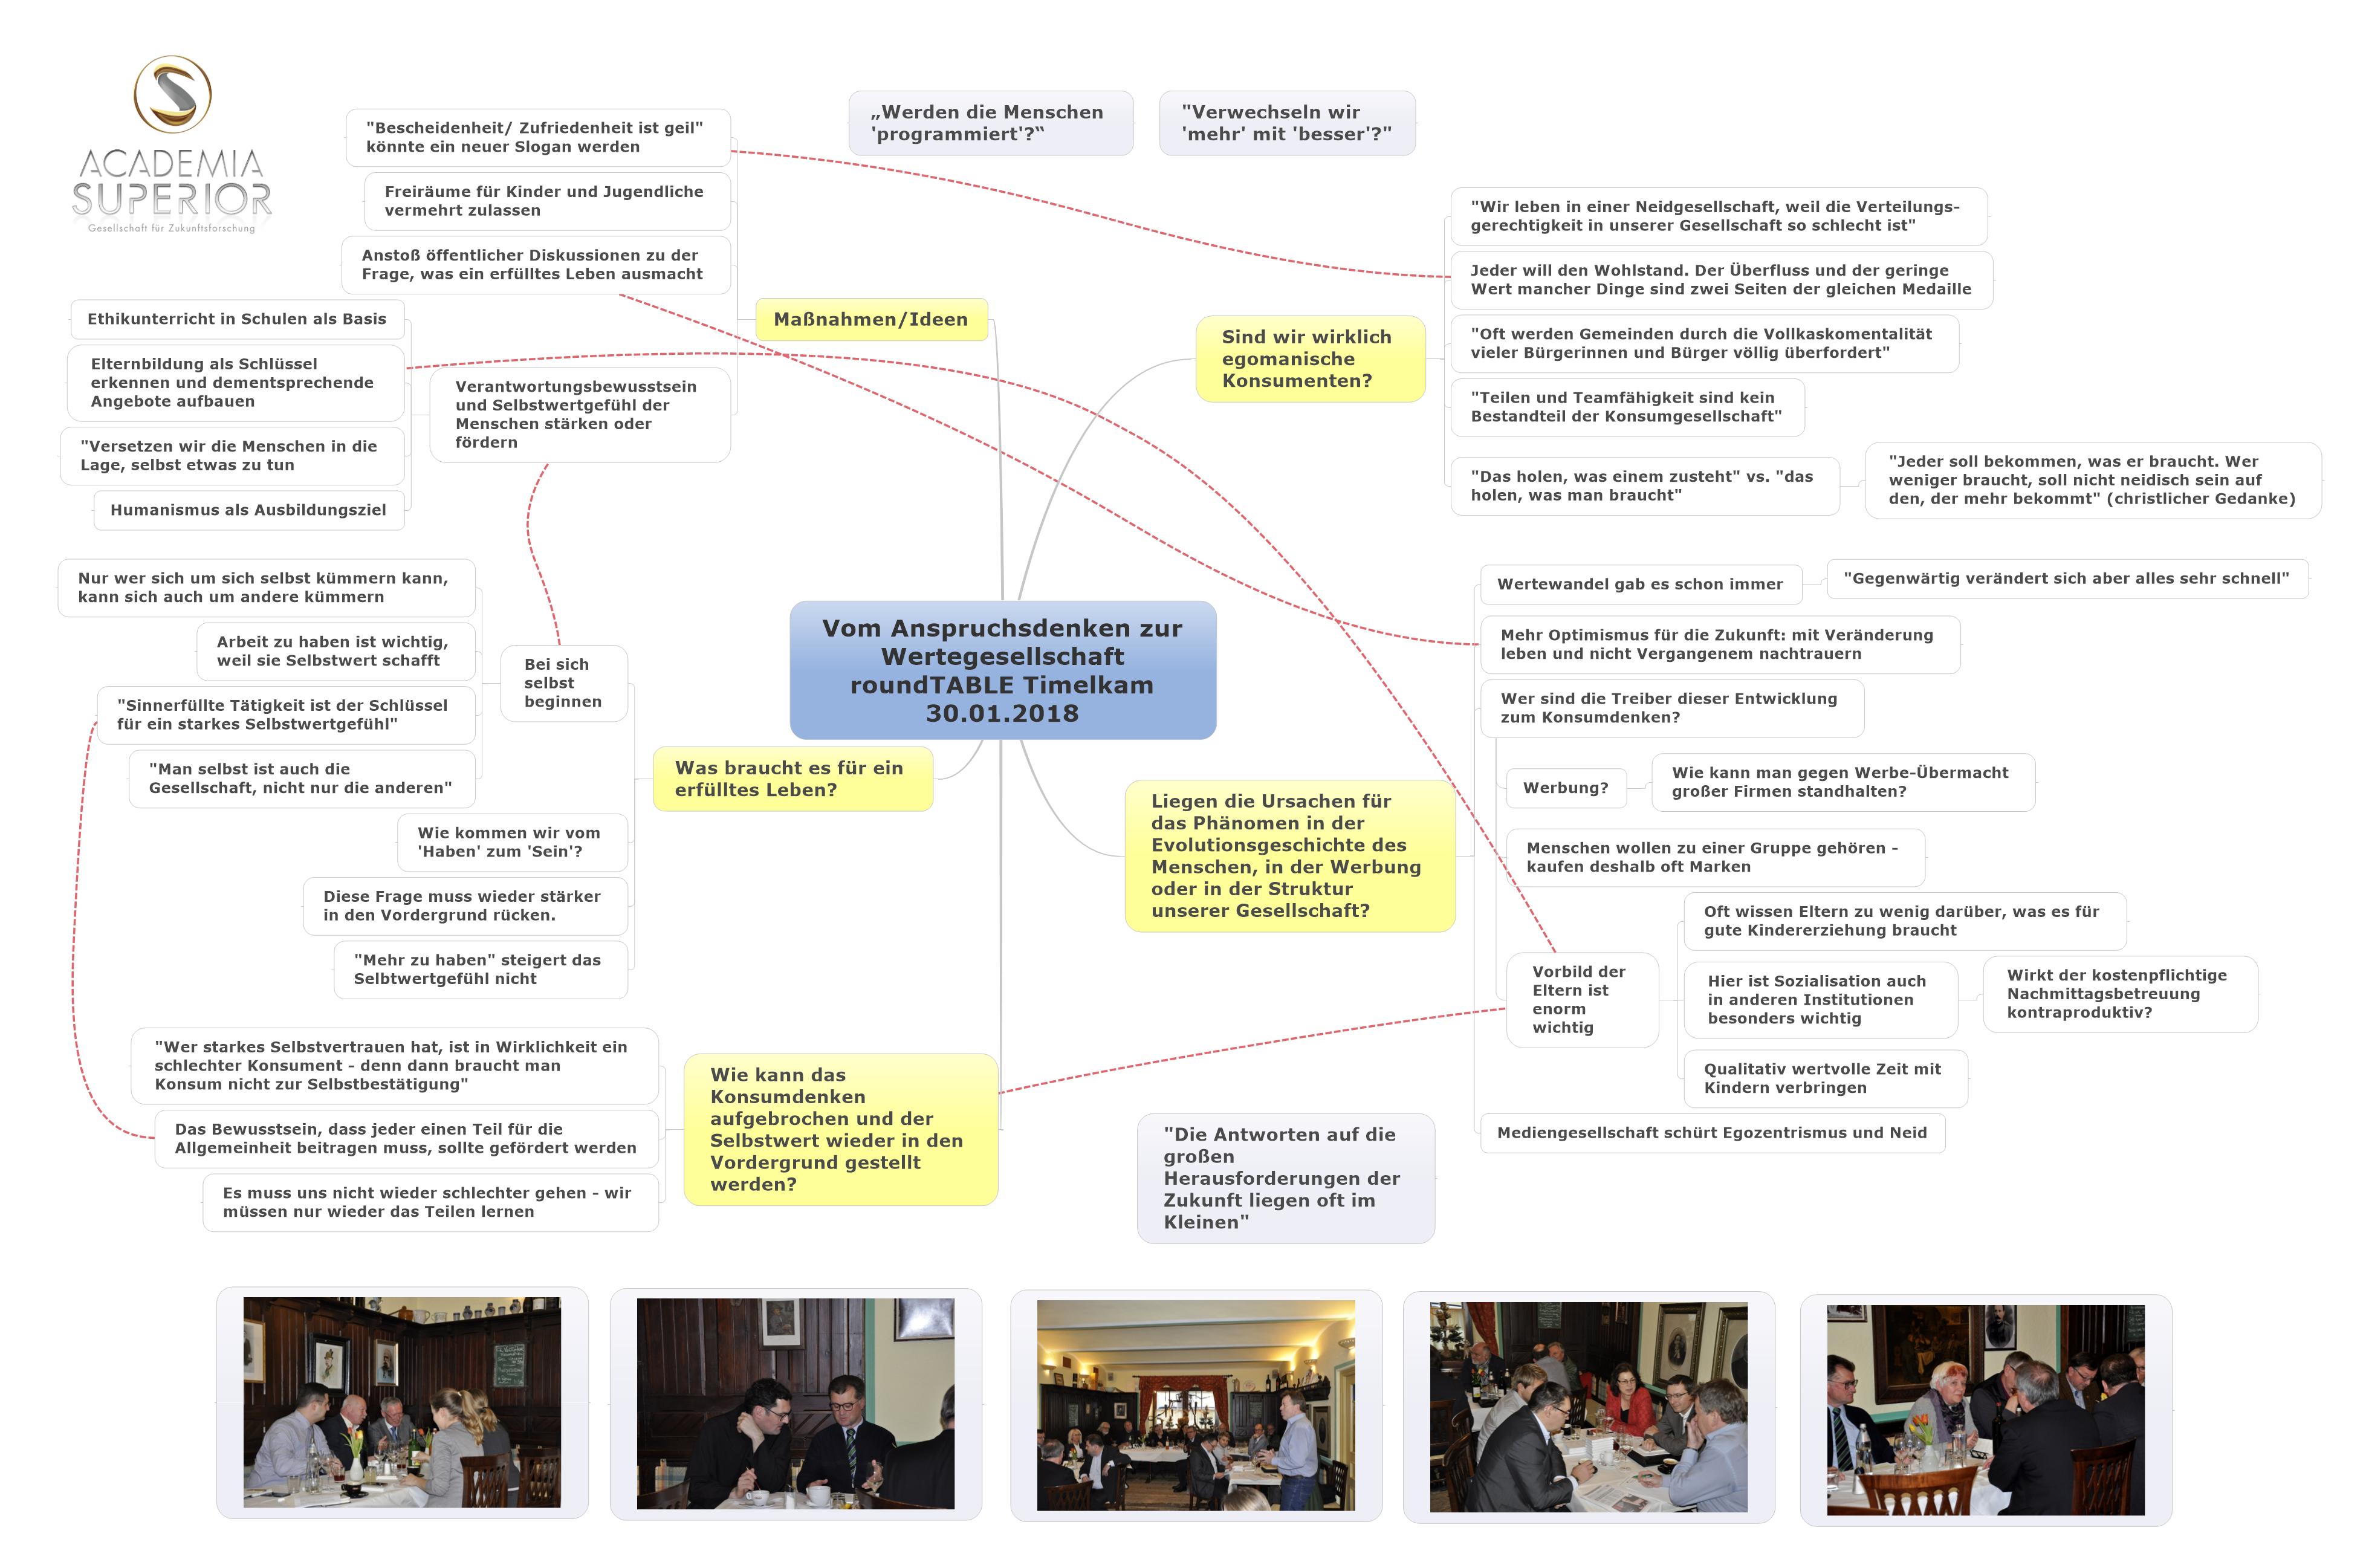 MindMap: roundTABLE Anspruchsdenken und Wertegesellschaft